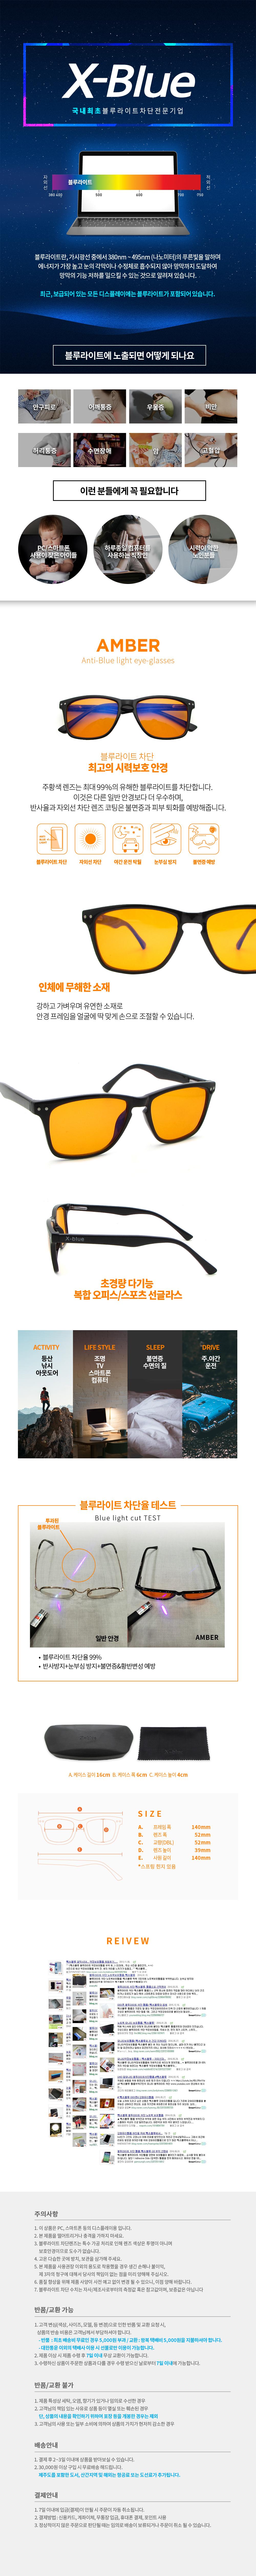 사본 -page_glasses_amber.jpg